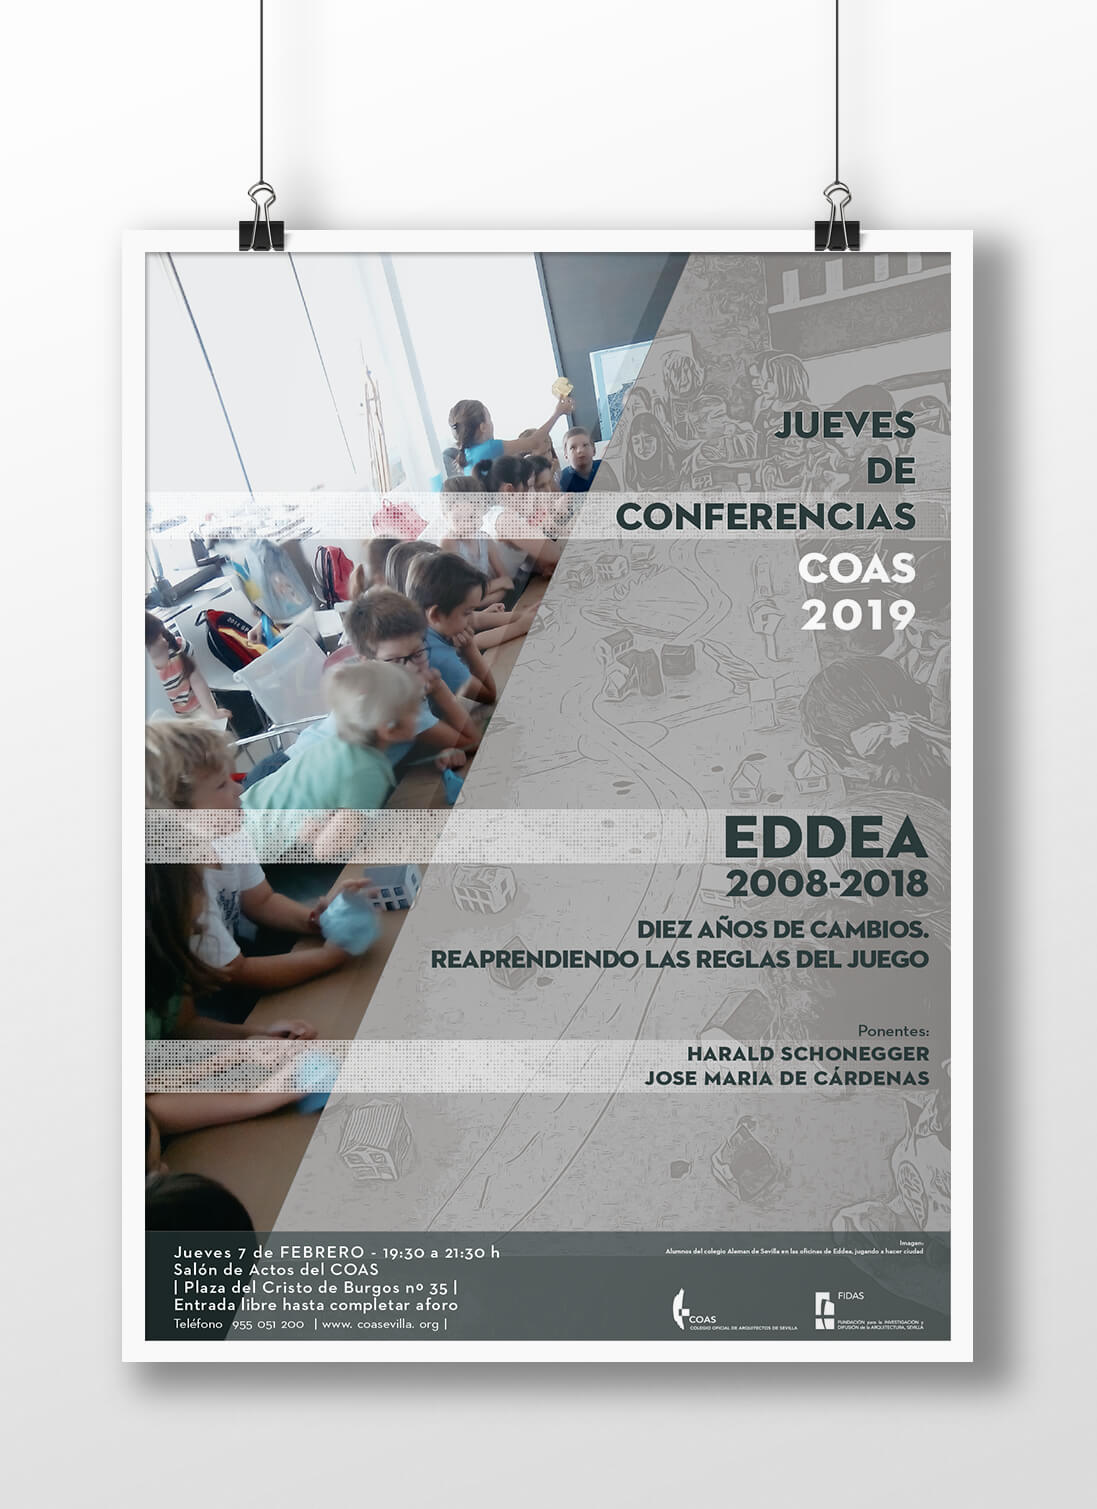 3DSVQ.es - Manuel Íñigo - Infografía, Diseño Gráfico y Web